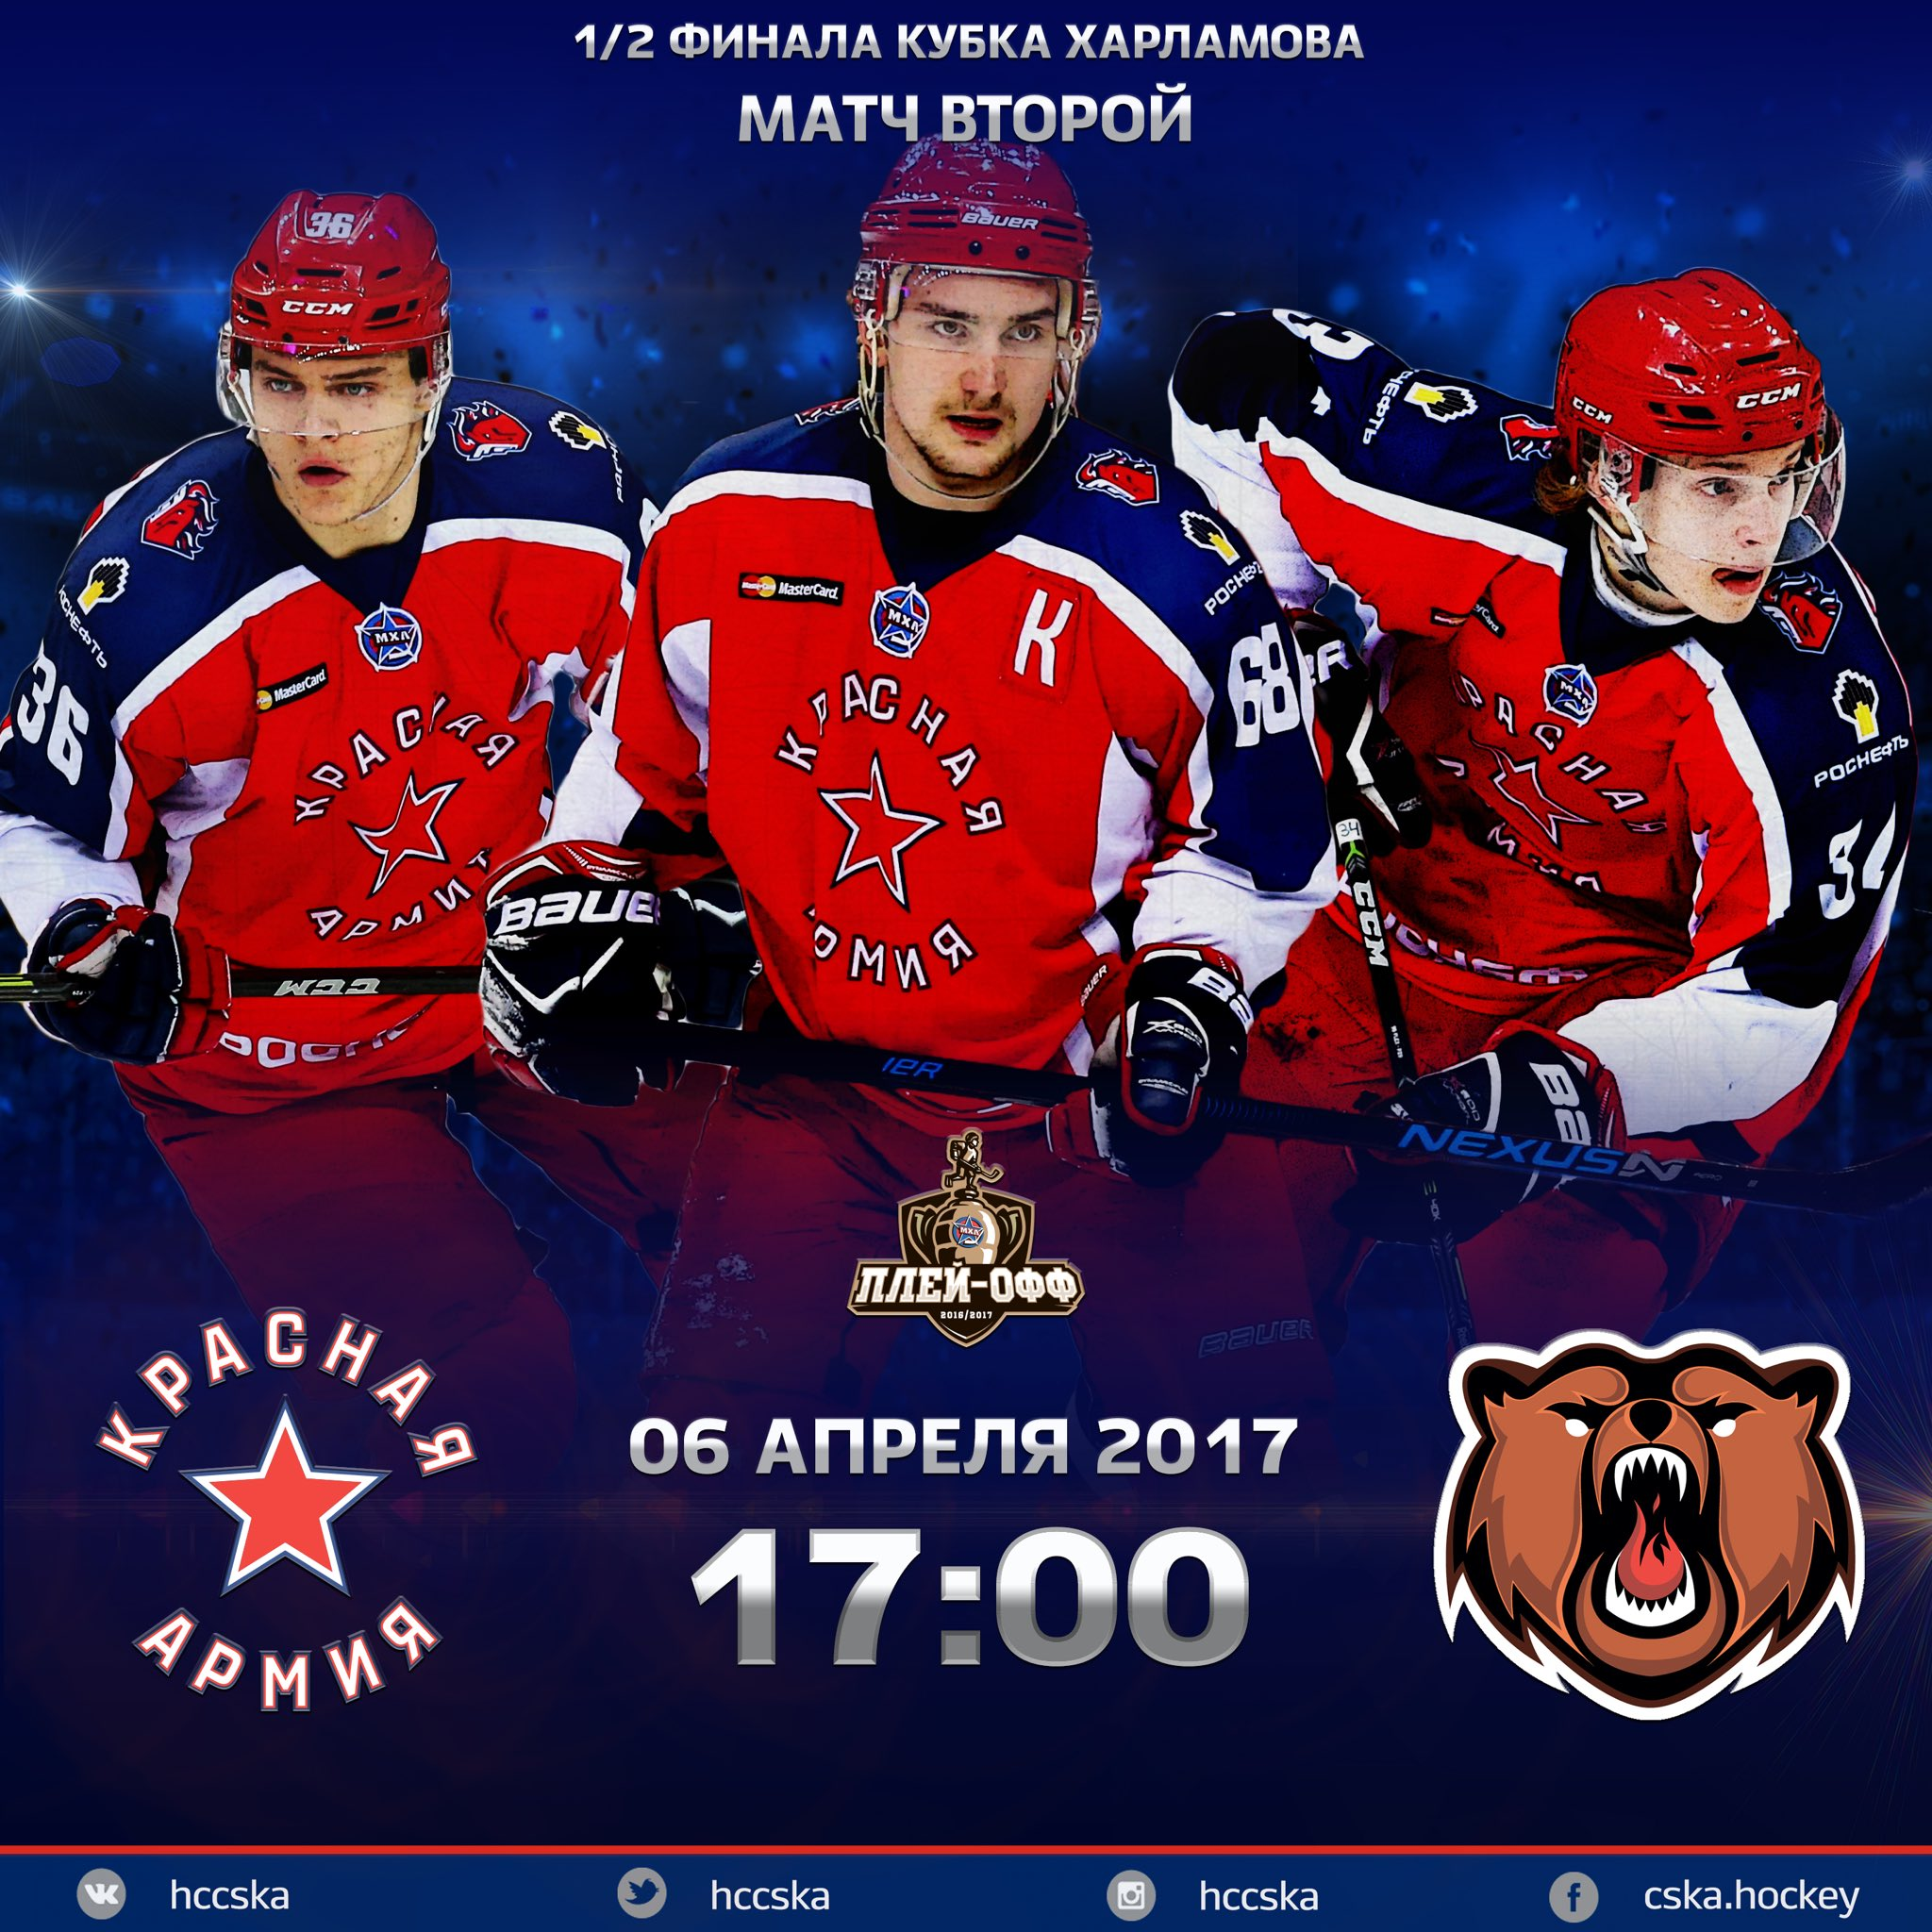 цска хоккейный клуб москва таблица